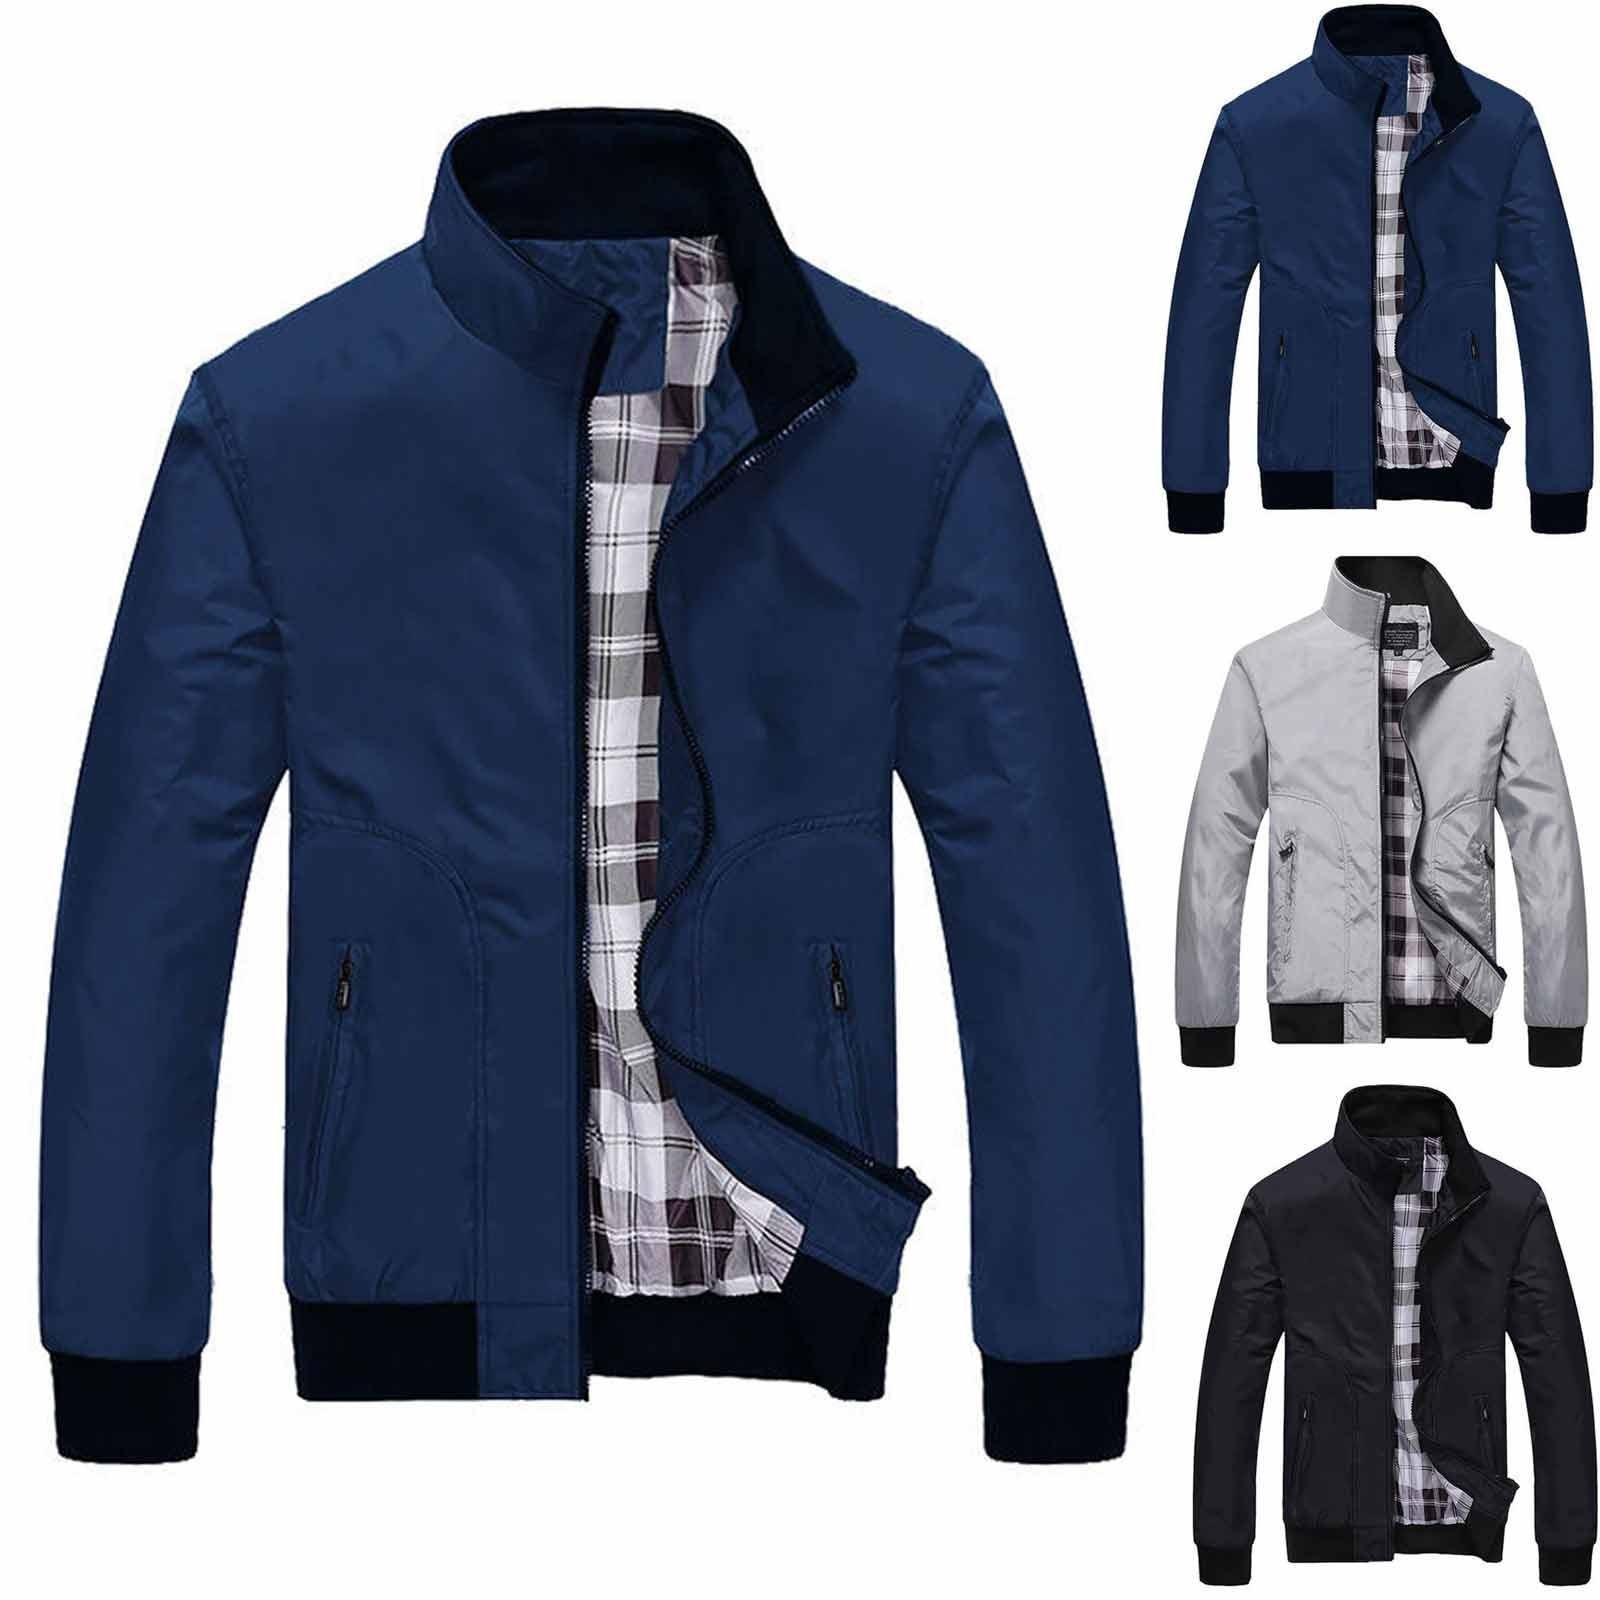 Мужская повседневная куртка на молнии, однотонная кашемировая утепленная куртка с воротником-стойкой, ветрозащитная и теплая хлопковая куртка на осень-зиму